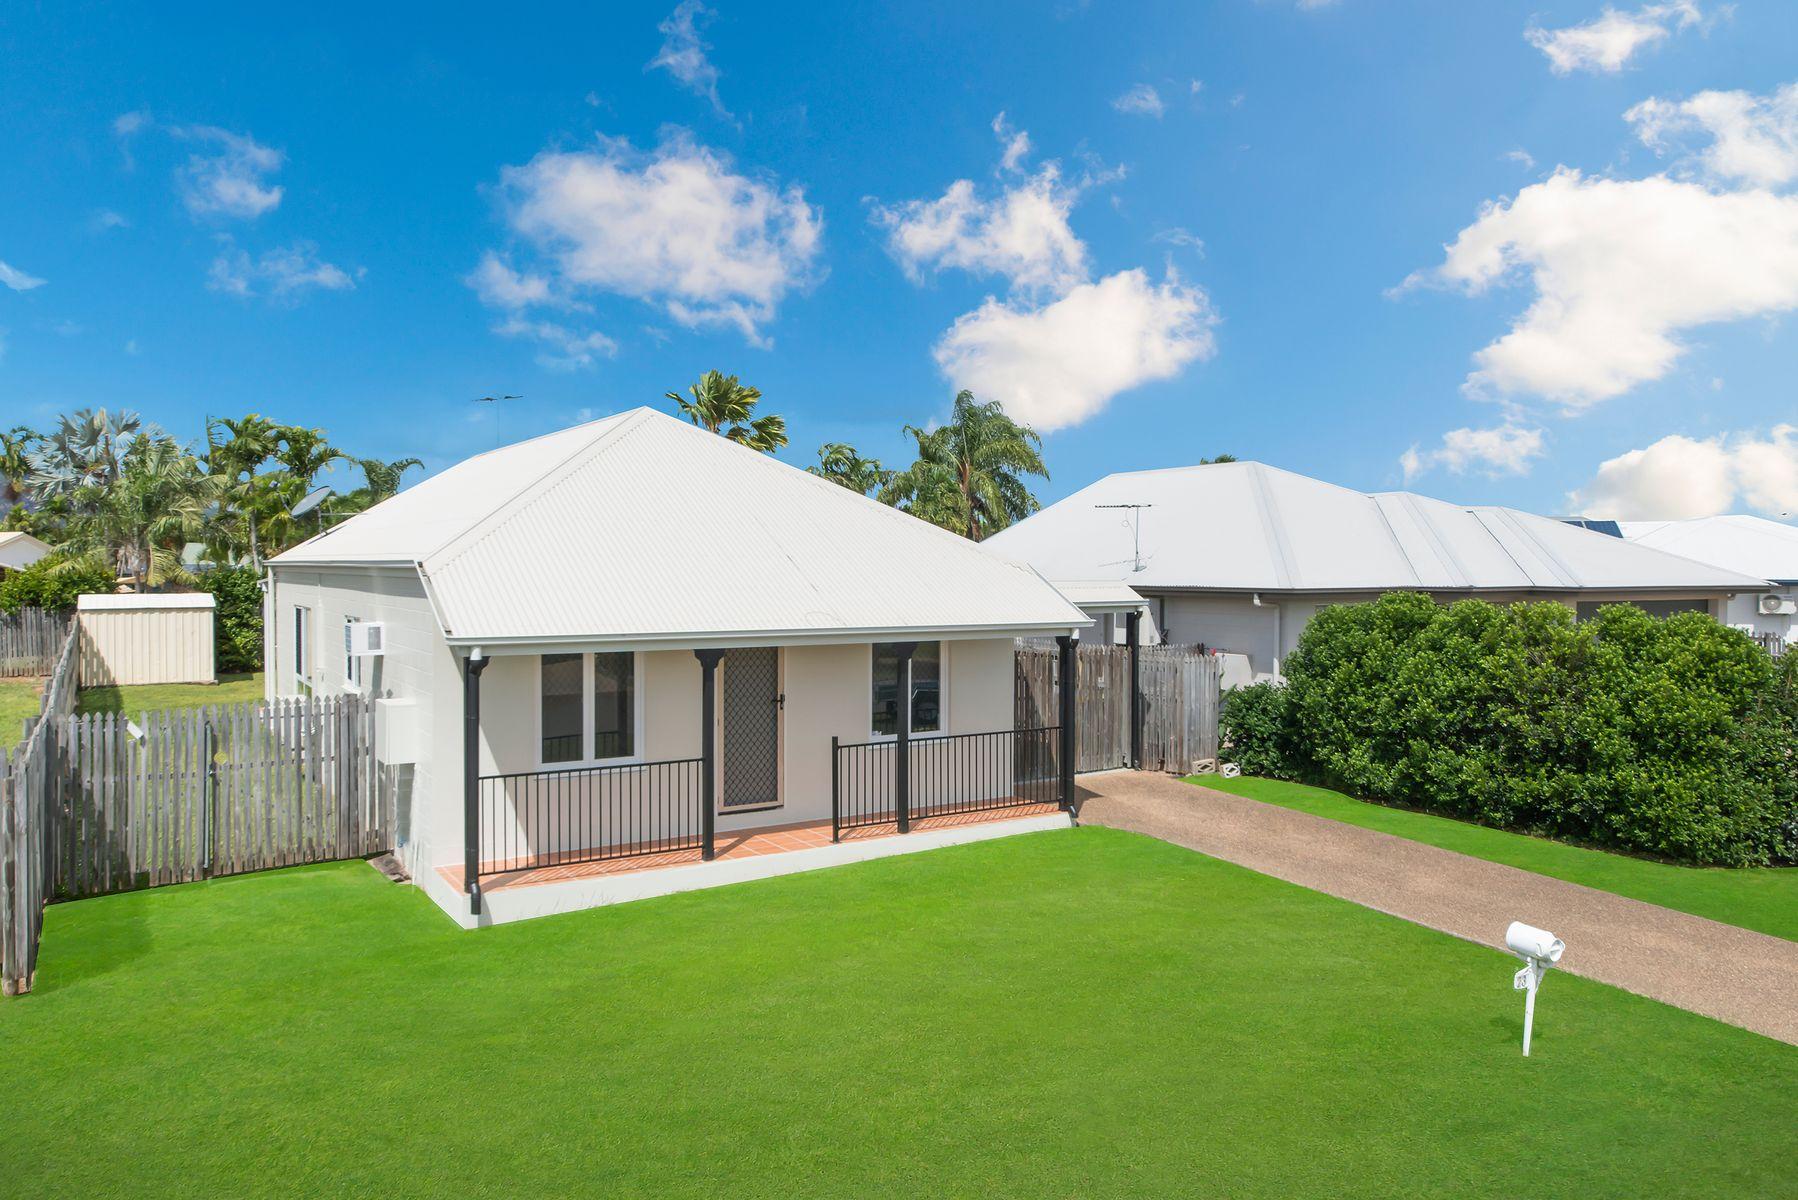 23 Jacana Crescent, Condon, QLD 4815